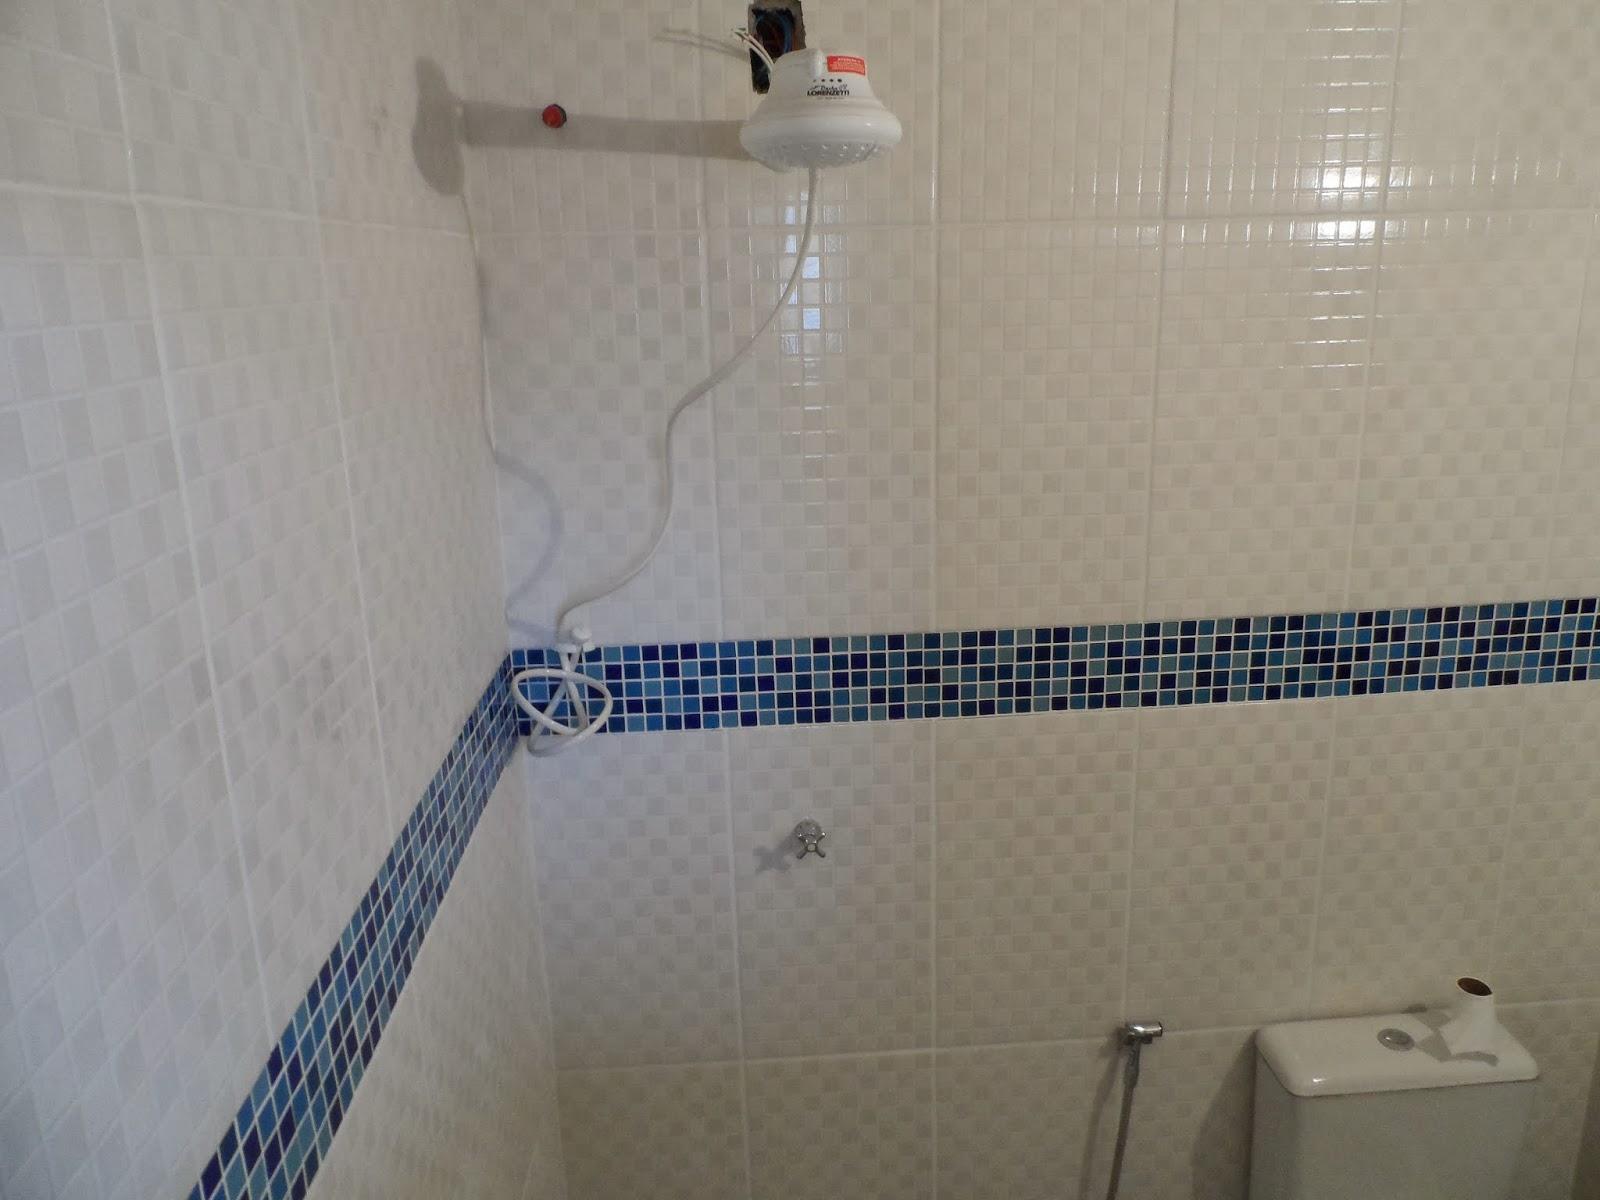 Minha casa te inspira: Banheiro azul e Branco #384960 1600x1200 Banheiro Azul Escuro E Branco